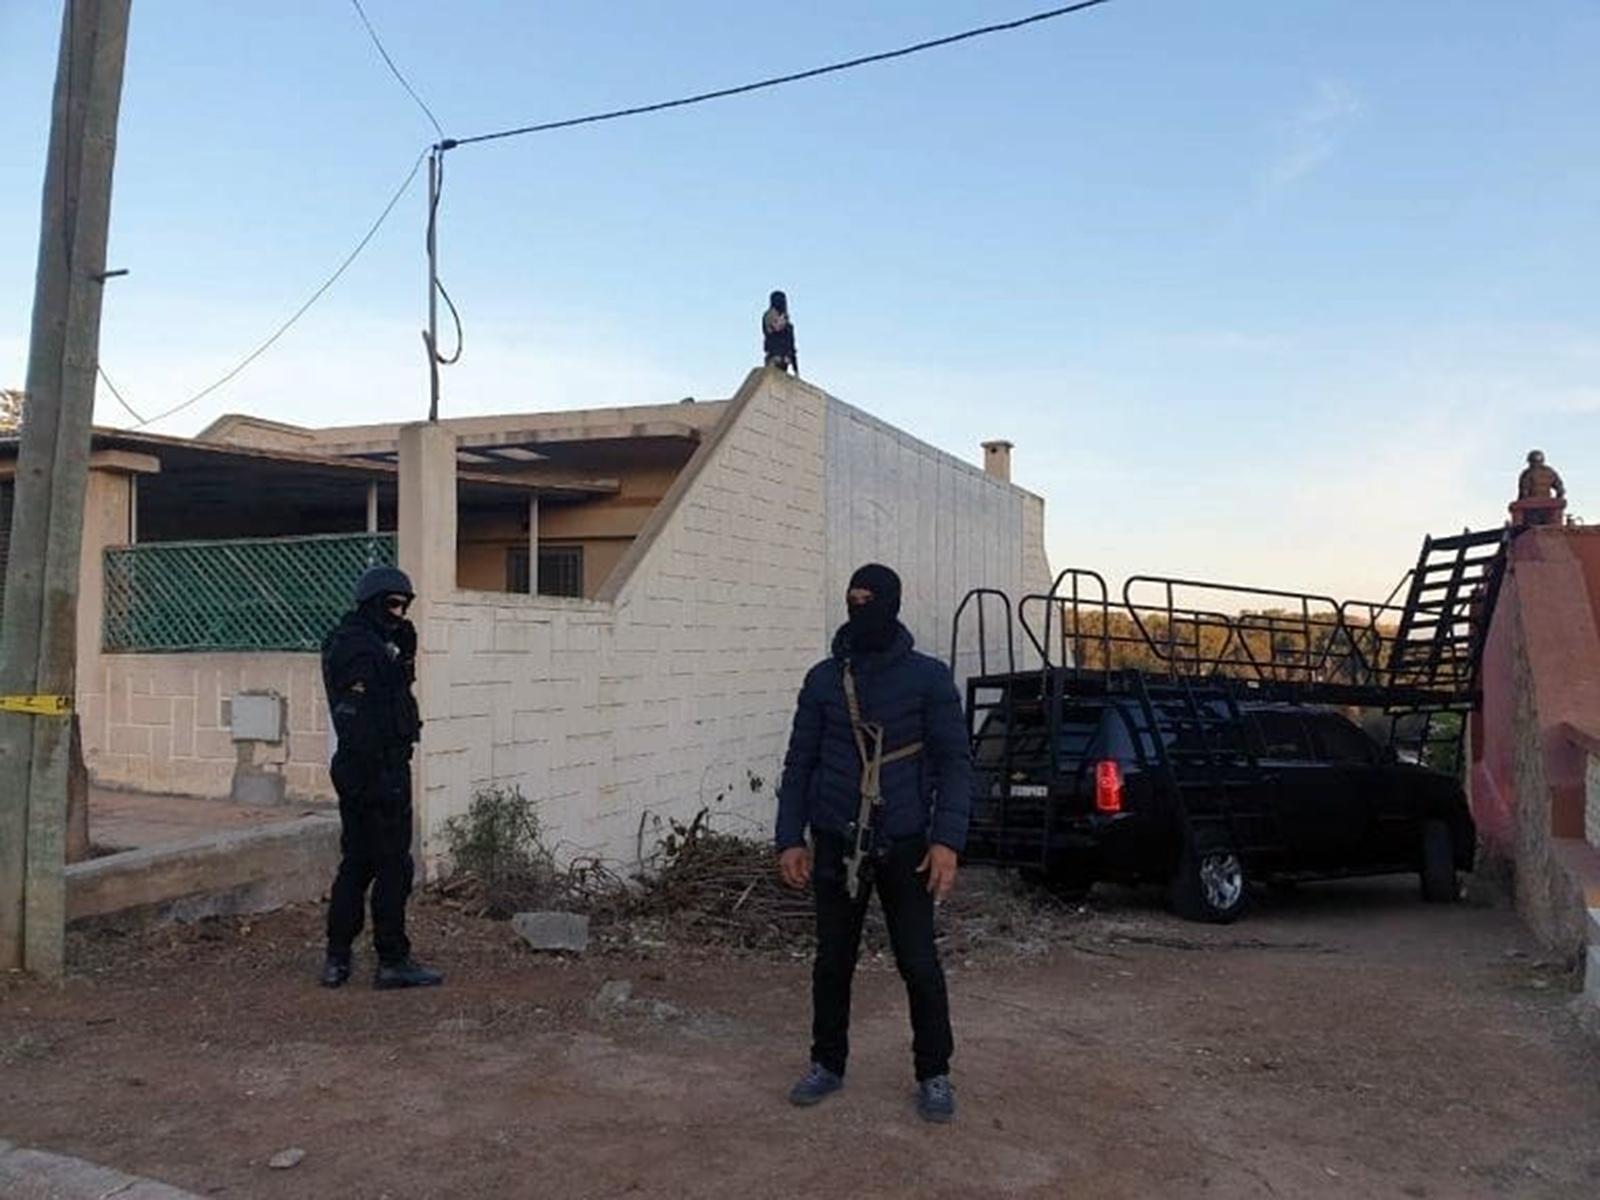 Moroccan Special Forces/Forces spéciales marocaines  :Videos et Photos : BCIJ, Gendarmerie Royale ,  - Page 17 D4ma5uJOxI8